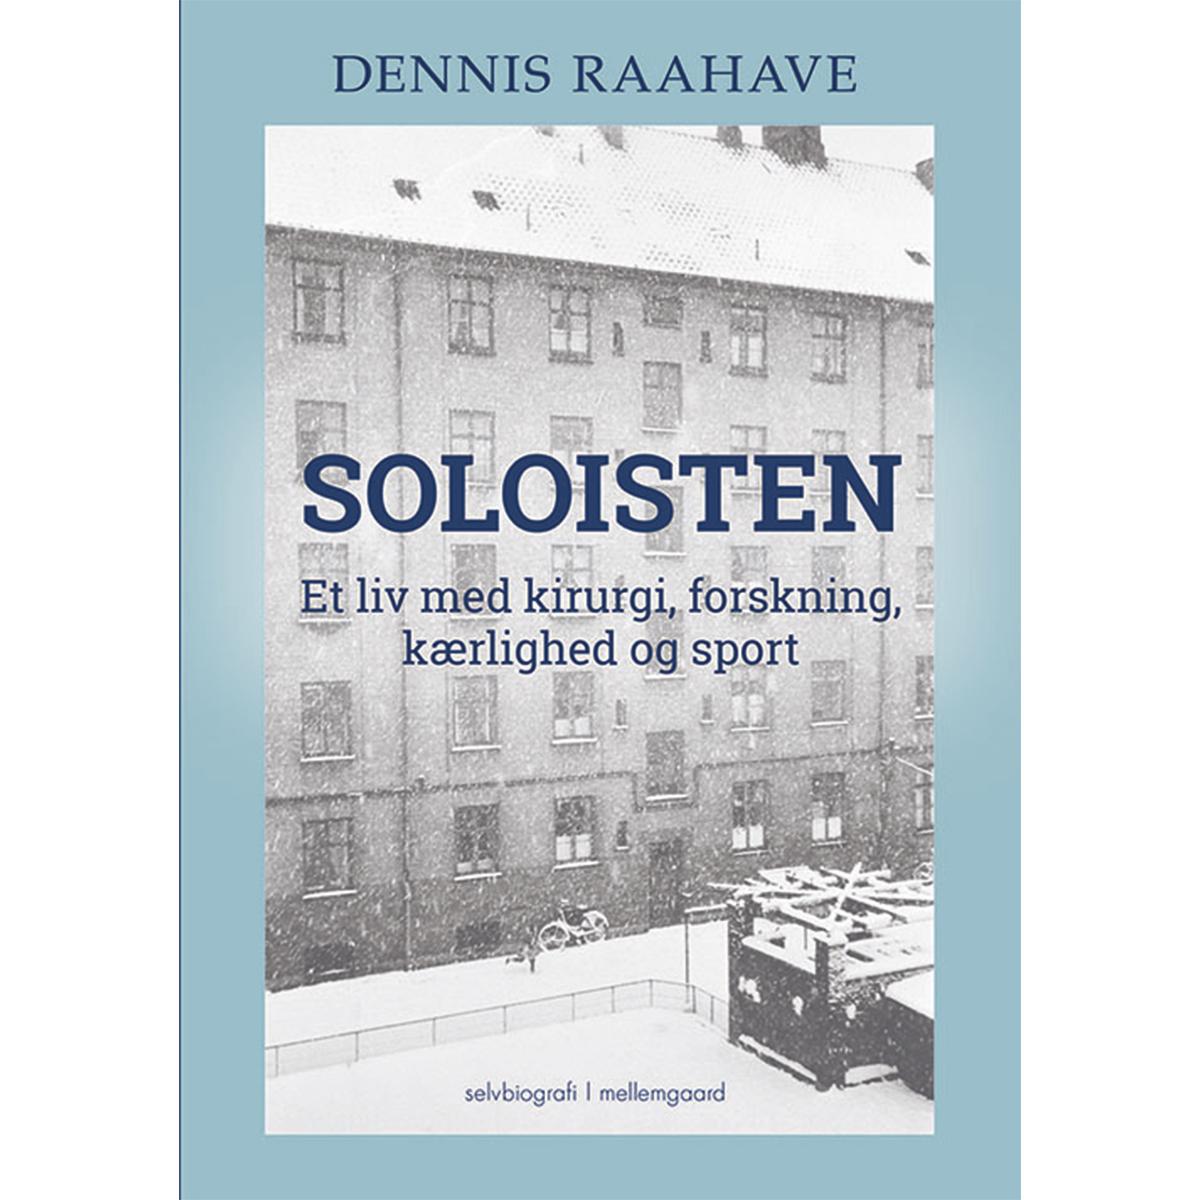 Soloisten - Et liv med kirurgi, forskning, kærlighed og sport - Hæftet